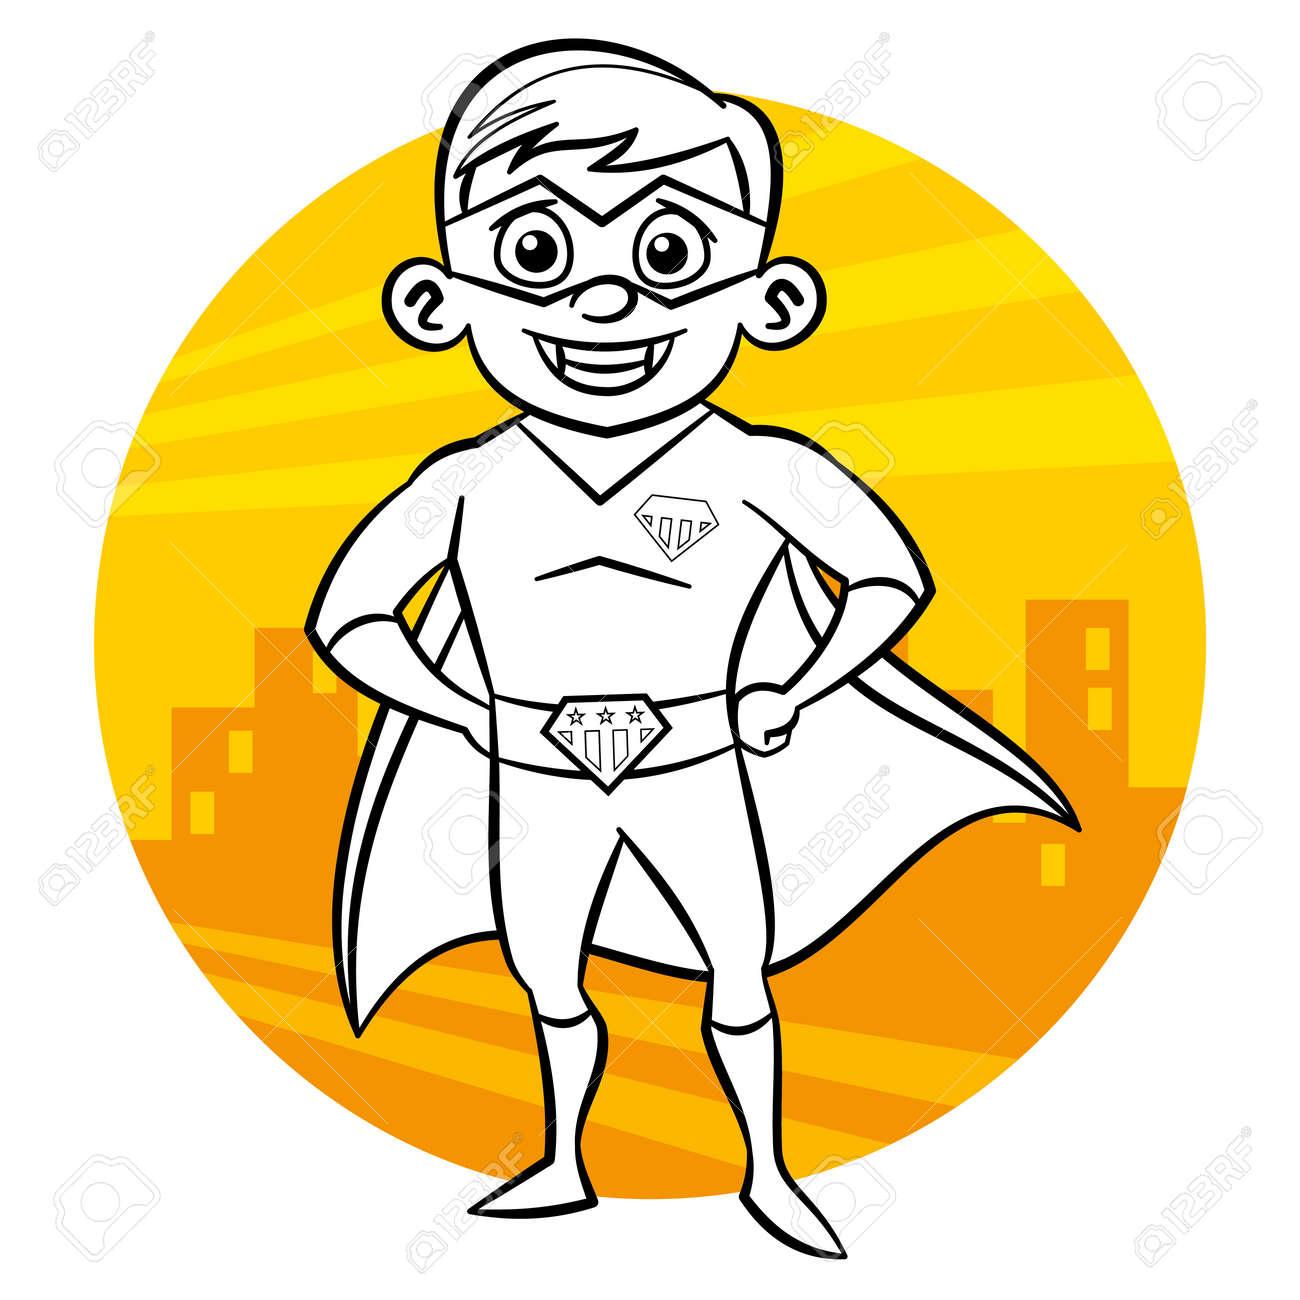 Colorear Superhéroe Página. Personaje De Cómic Aislado Sobre Fondo ...